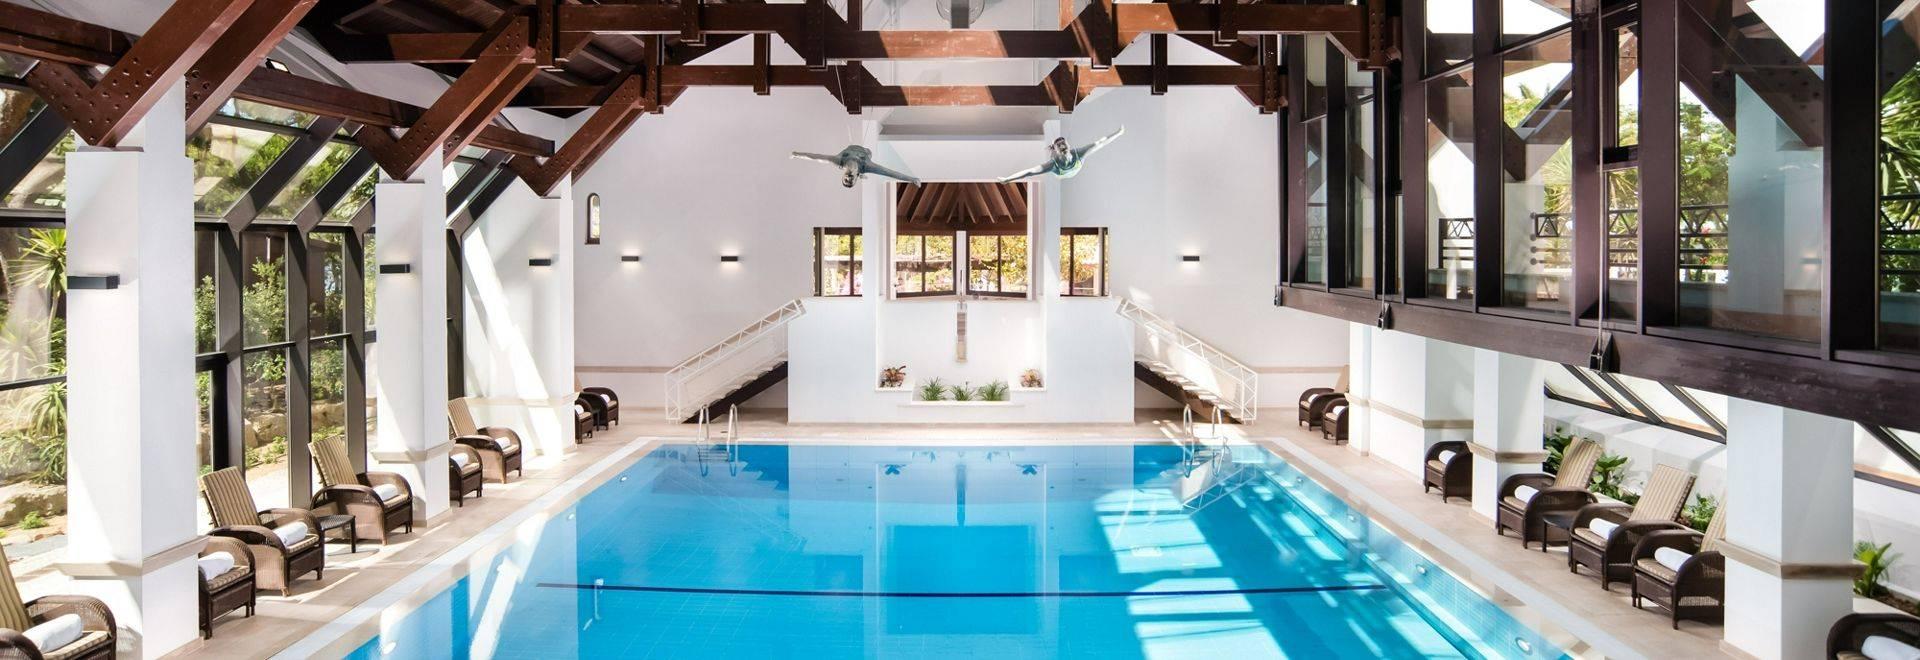 Pine-cliffs-indoor-pool.jpg